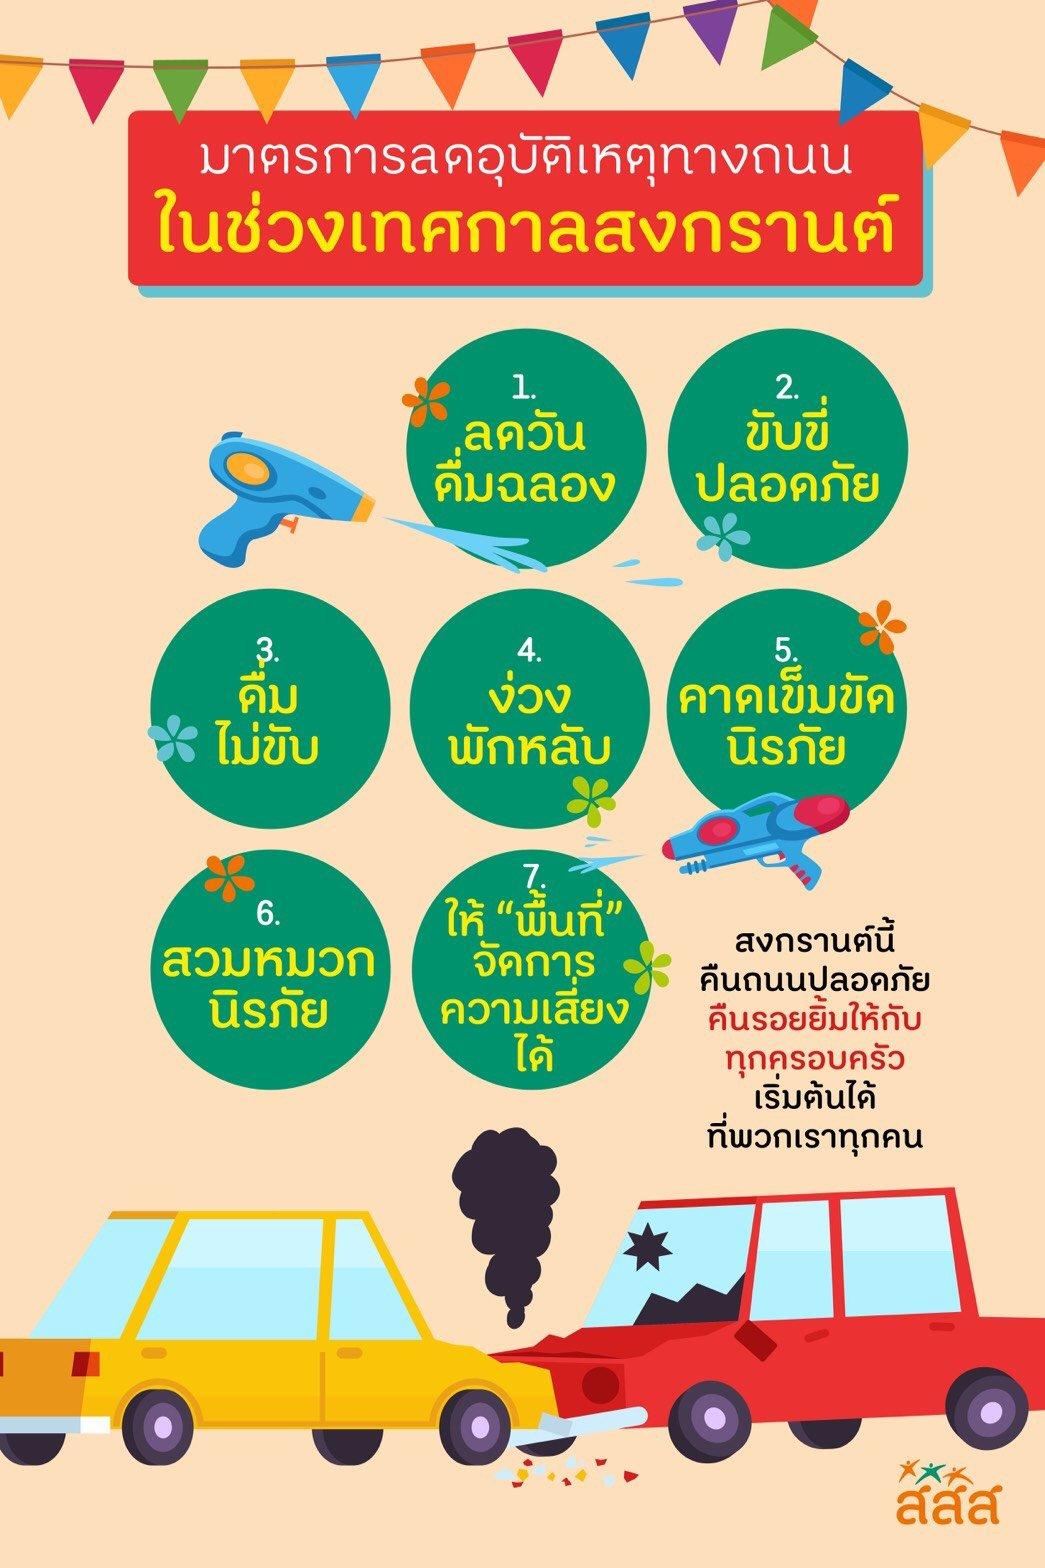 มาตรการลดอุบัติเหตุทางถนนในช่วงเทศกาลสงกรานต์ thaihealth